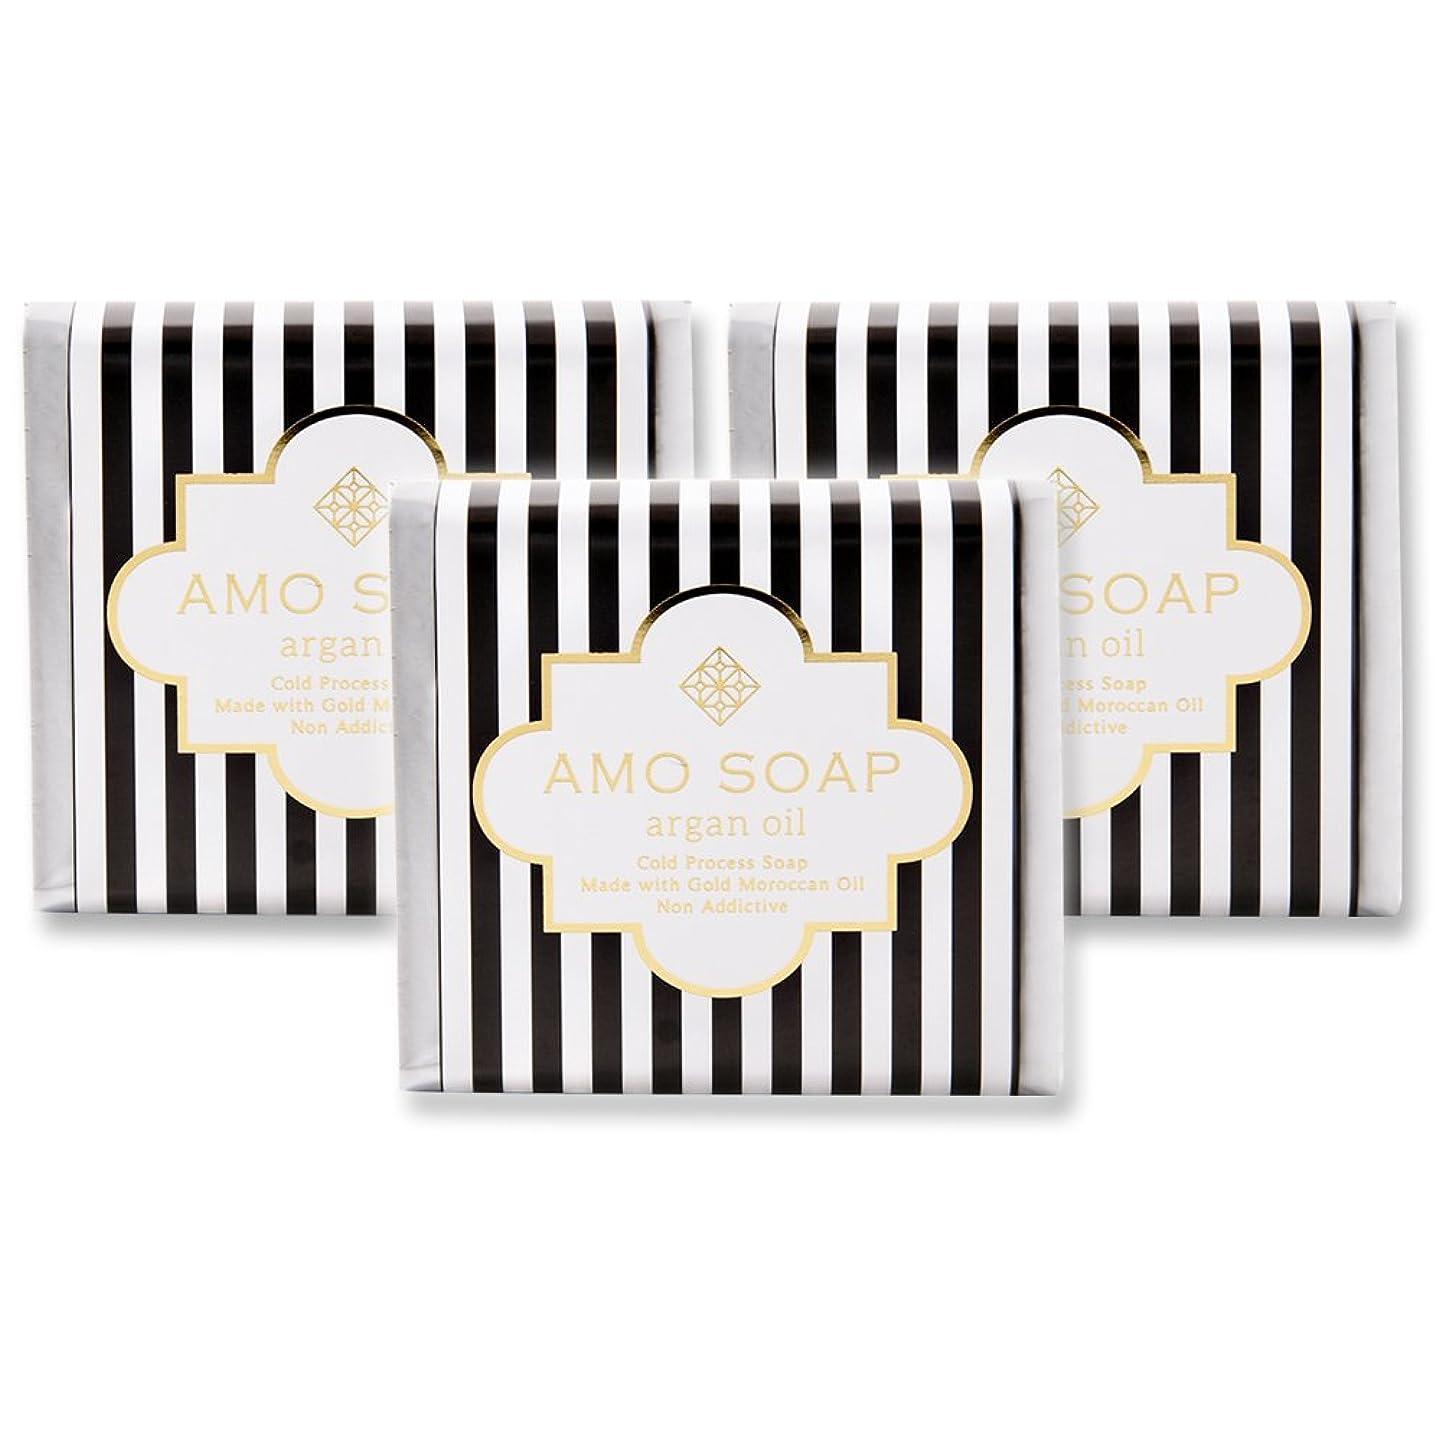 に渡ってミス折り目AMO SOAP(アモソープ) 洗顔せっけんアルガンオイル配合 3個 コールドプロセス製法 日本製 エイジングケア オリーブオイル シアバター